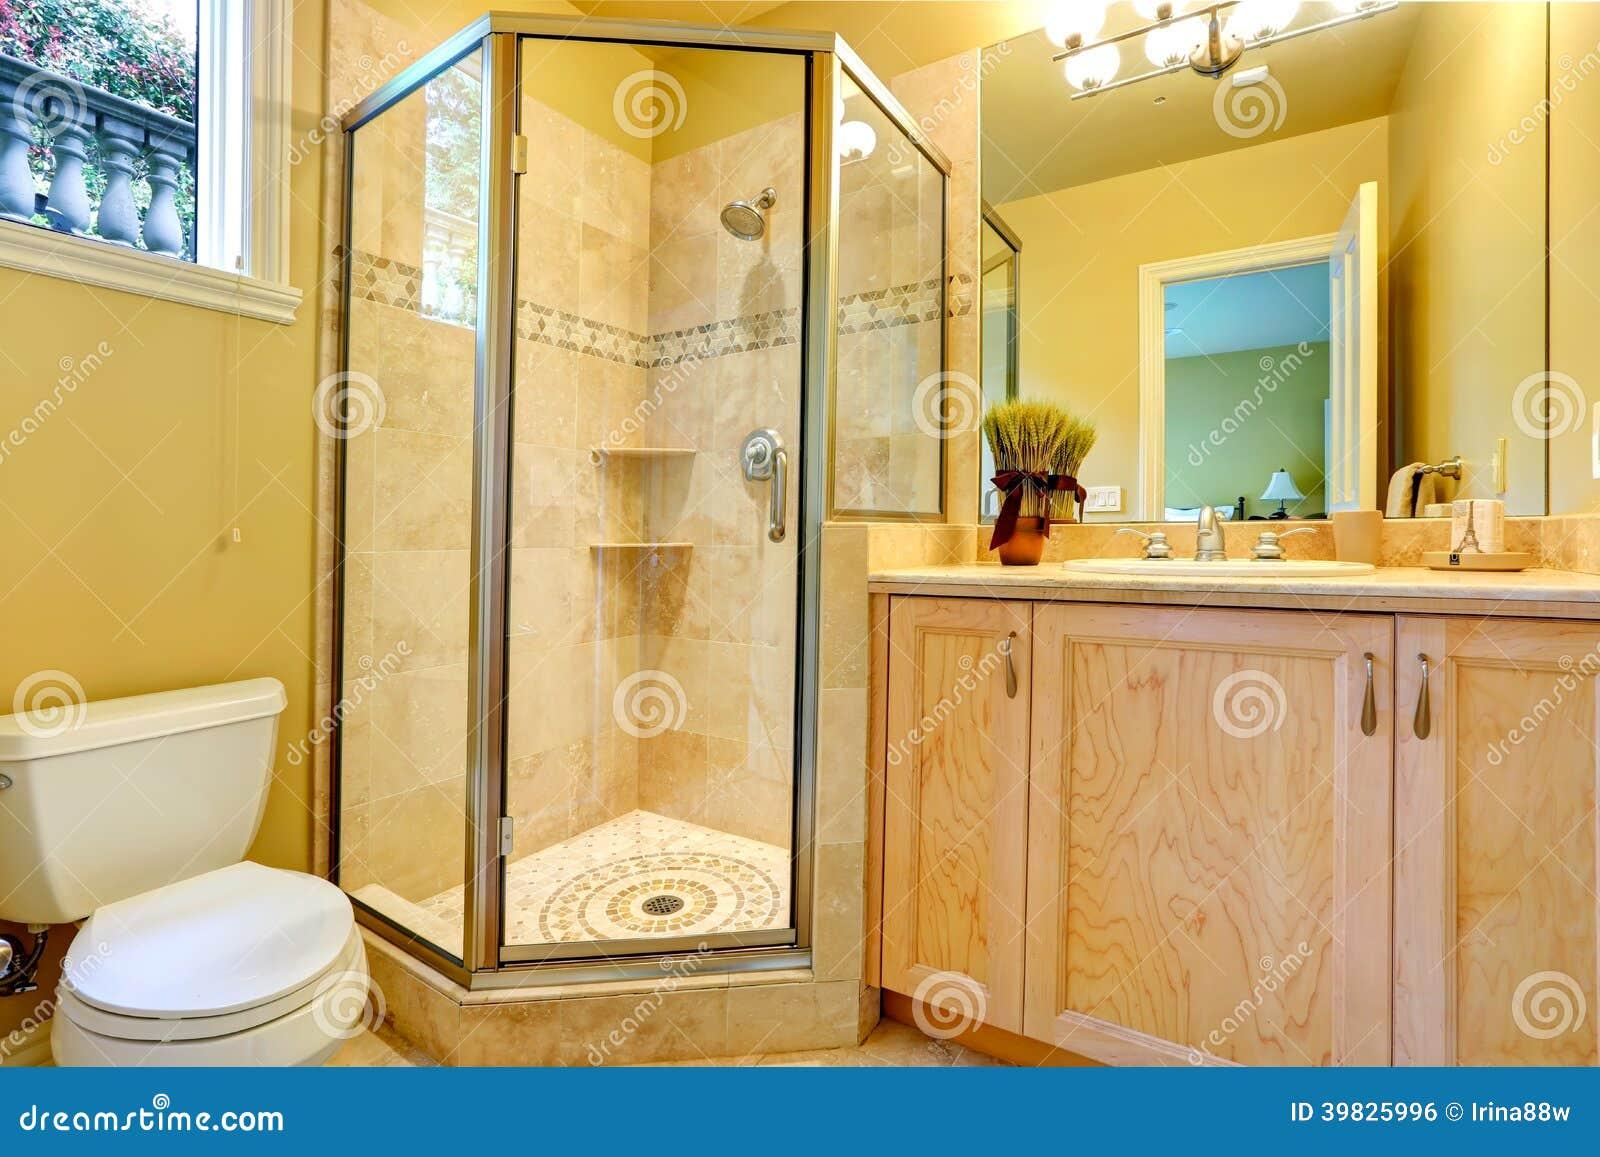 Cuarto de ba o con la ducha de cristal de la puerta foto - Cuartos de bano con ducha fotos ...